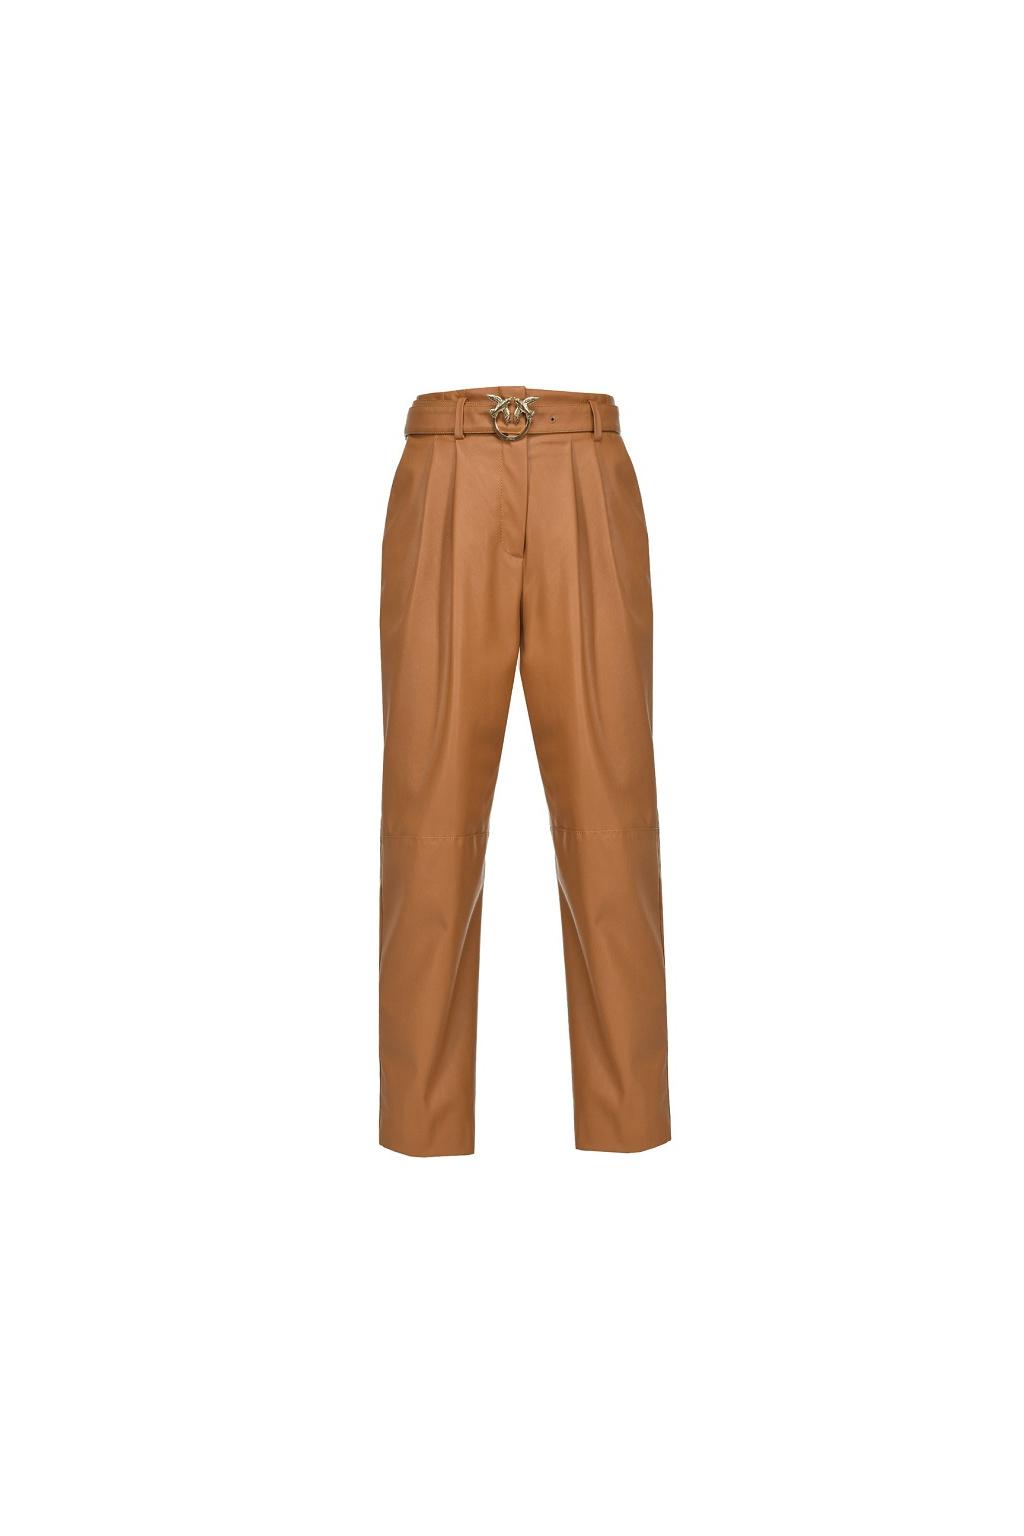 1N12V07105 M19 Dámské Pinko kalhoty Raphaela hnědé